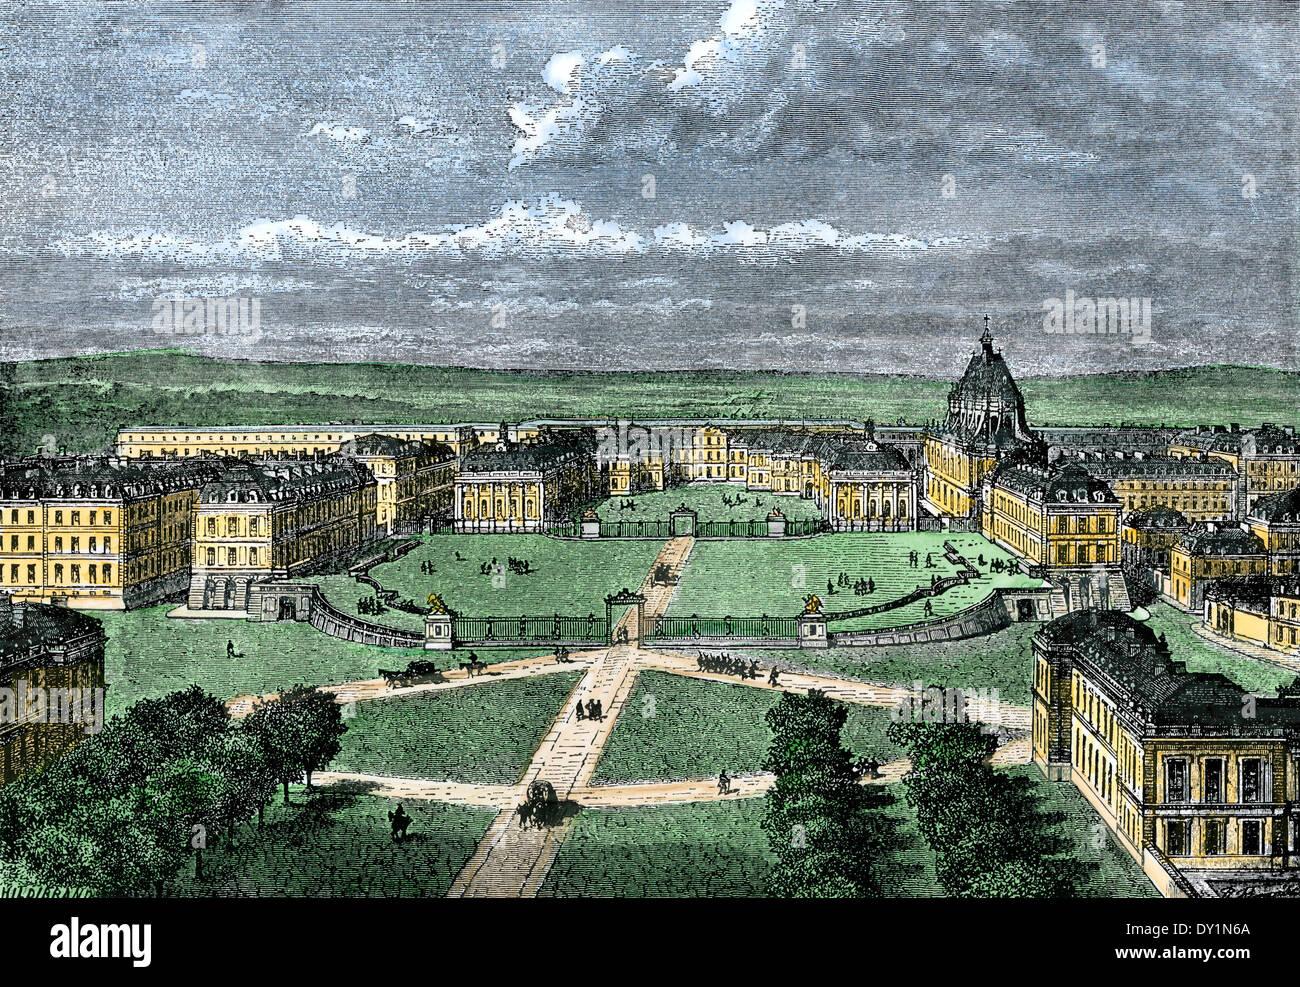 Palacio de Versalles, en las afueras de París, Francia. Xilografía coloreada a mano Imagen De Stock